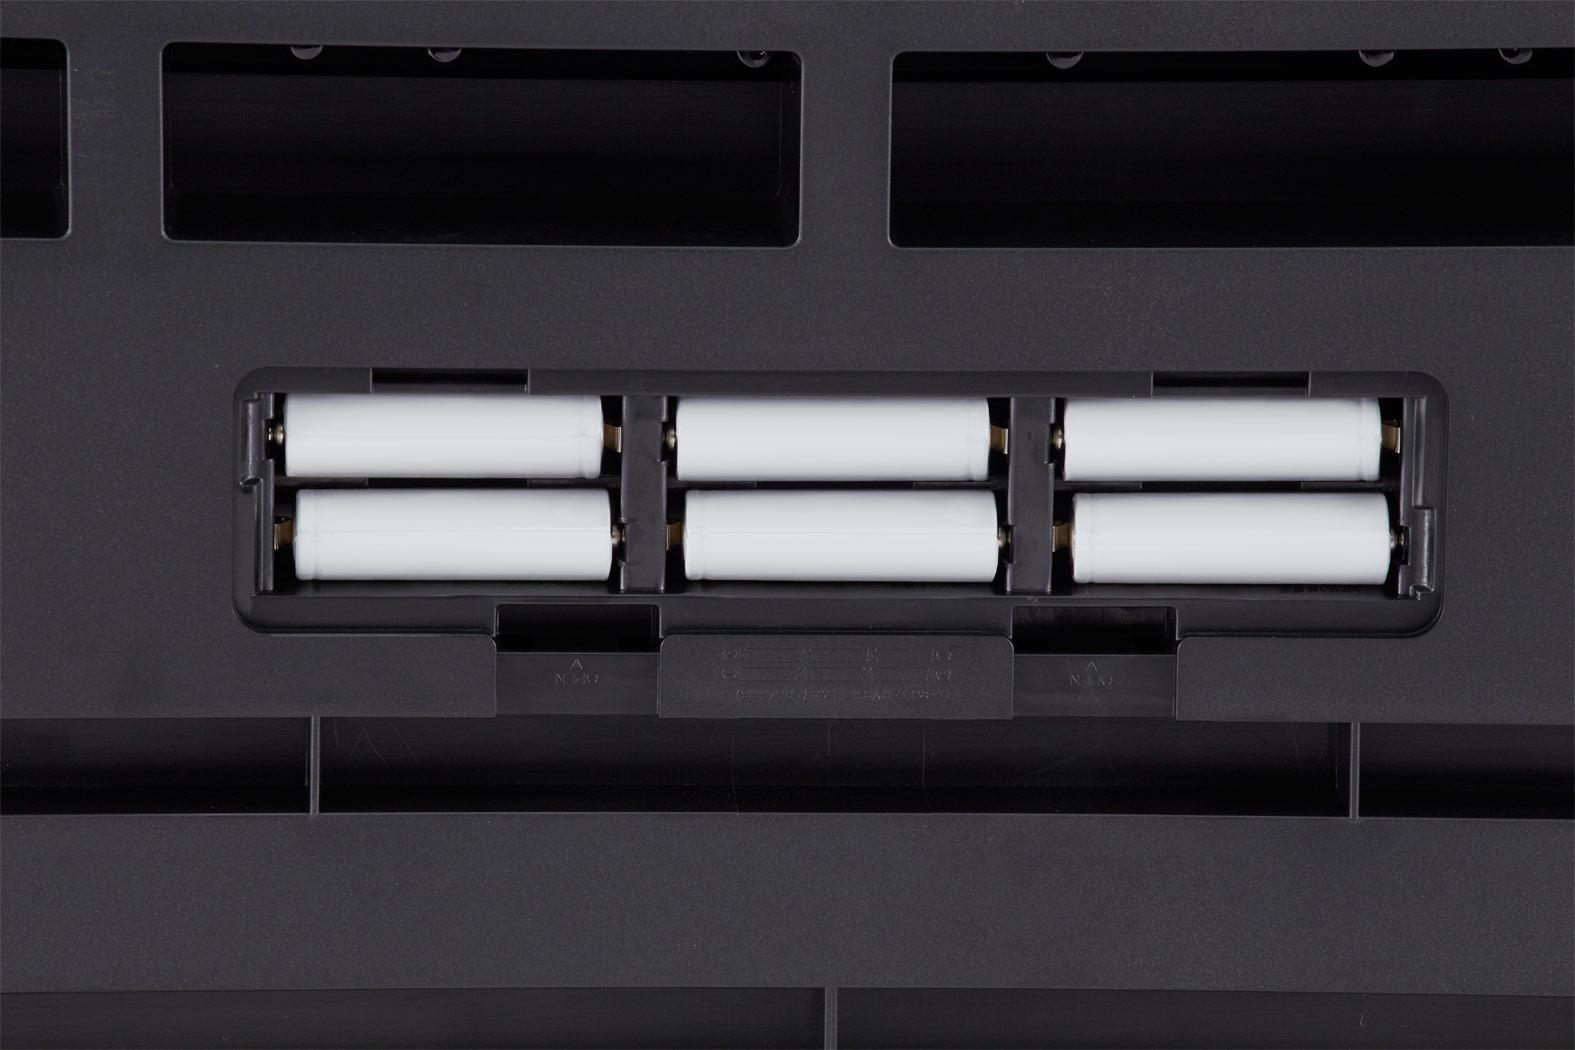 Roland GOシリーズ KORG EK-50 電池駆動